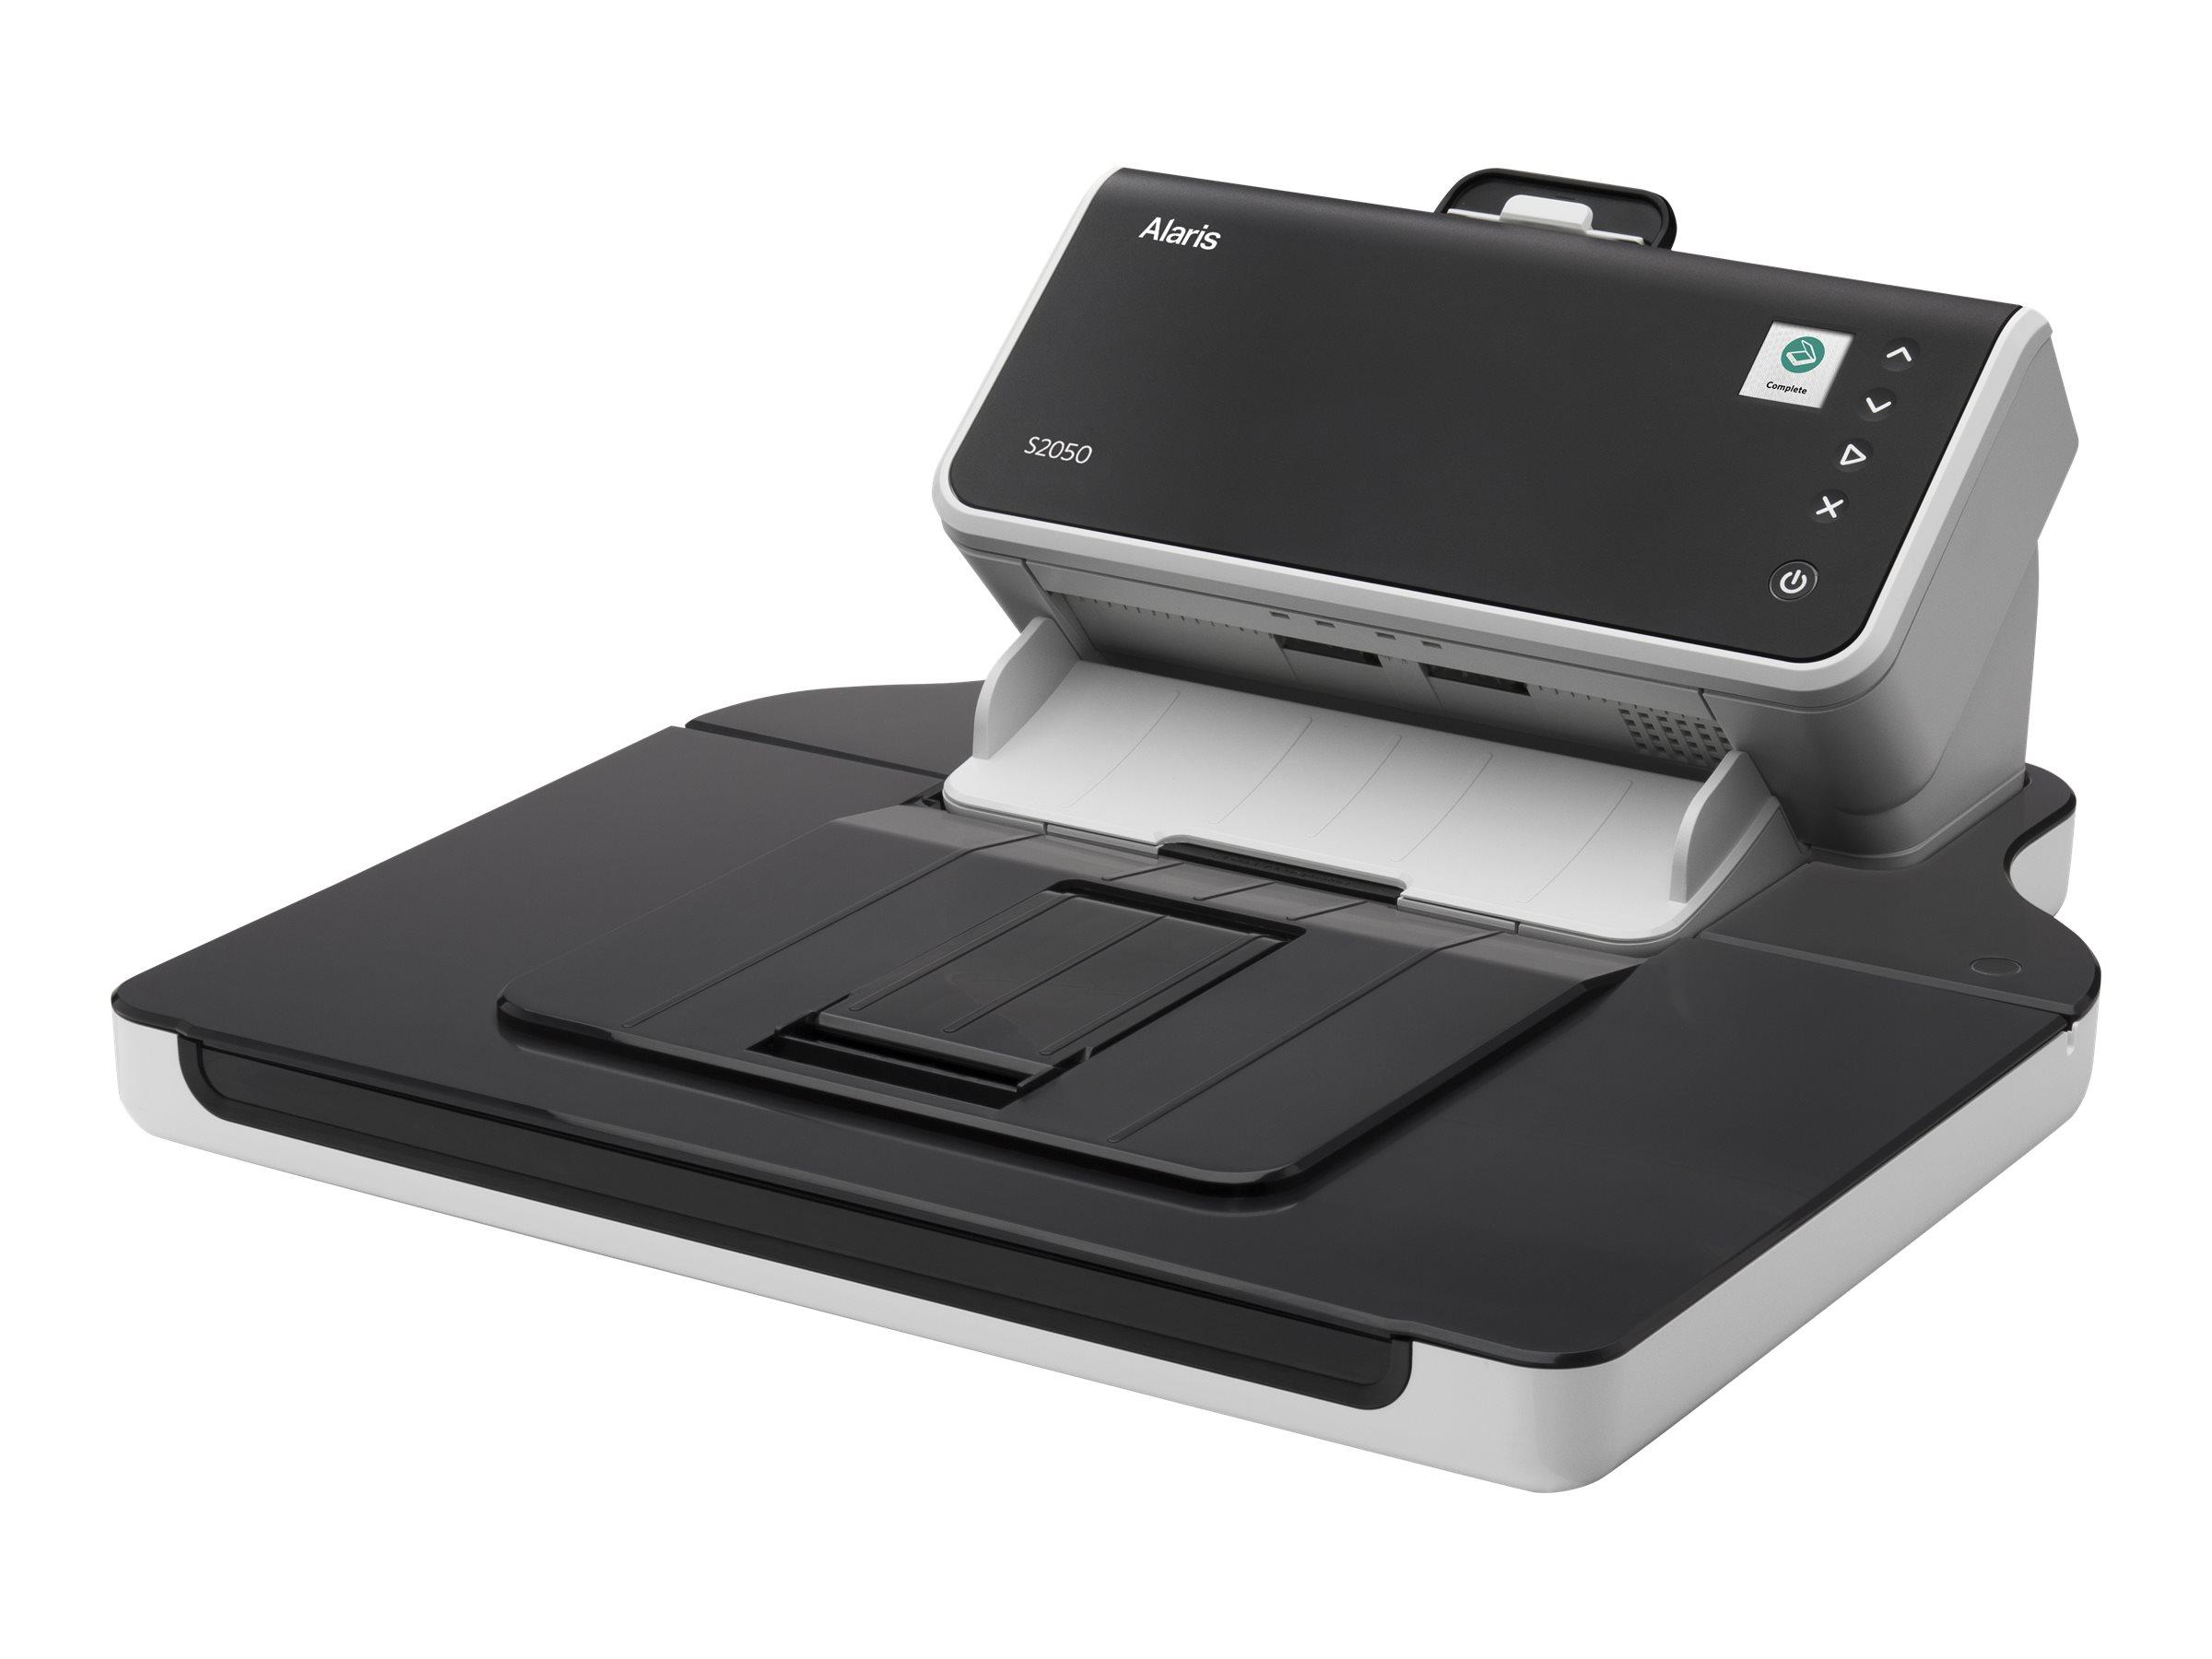 Alaris S2050 - Dokumentenscanner - 216 x 3000 mm - 600 dpi x 600 dpi - bis zu 50 Seiten/Min. (einfarbig) / bis zu 50 Seiten/Min.